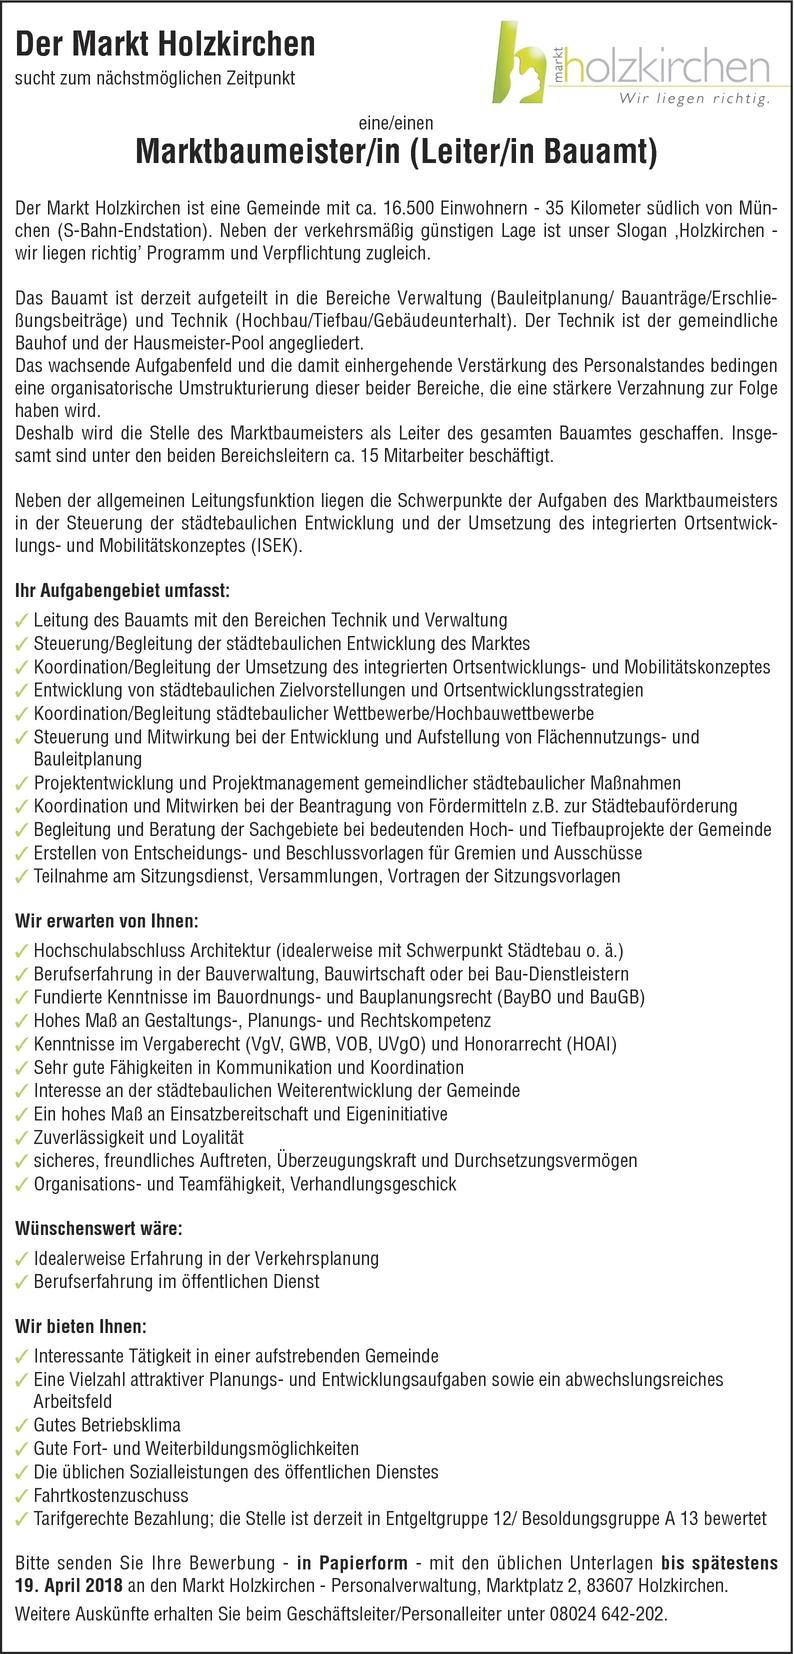 Bauleiter/in Architekt/in in Holzkirchen